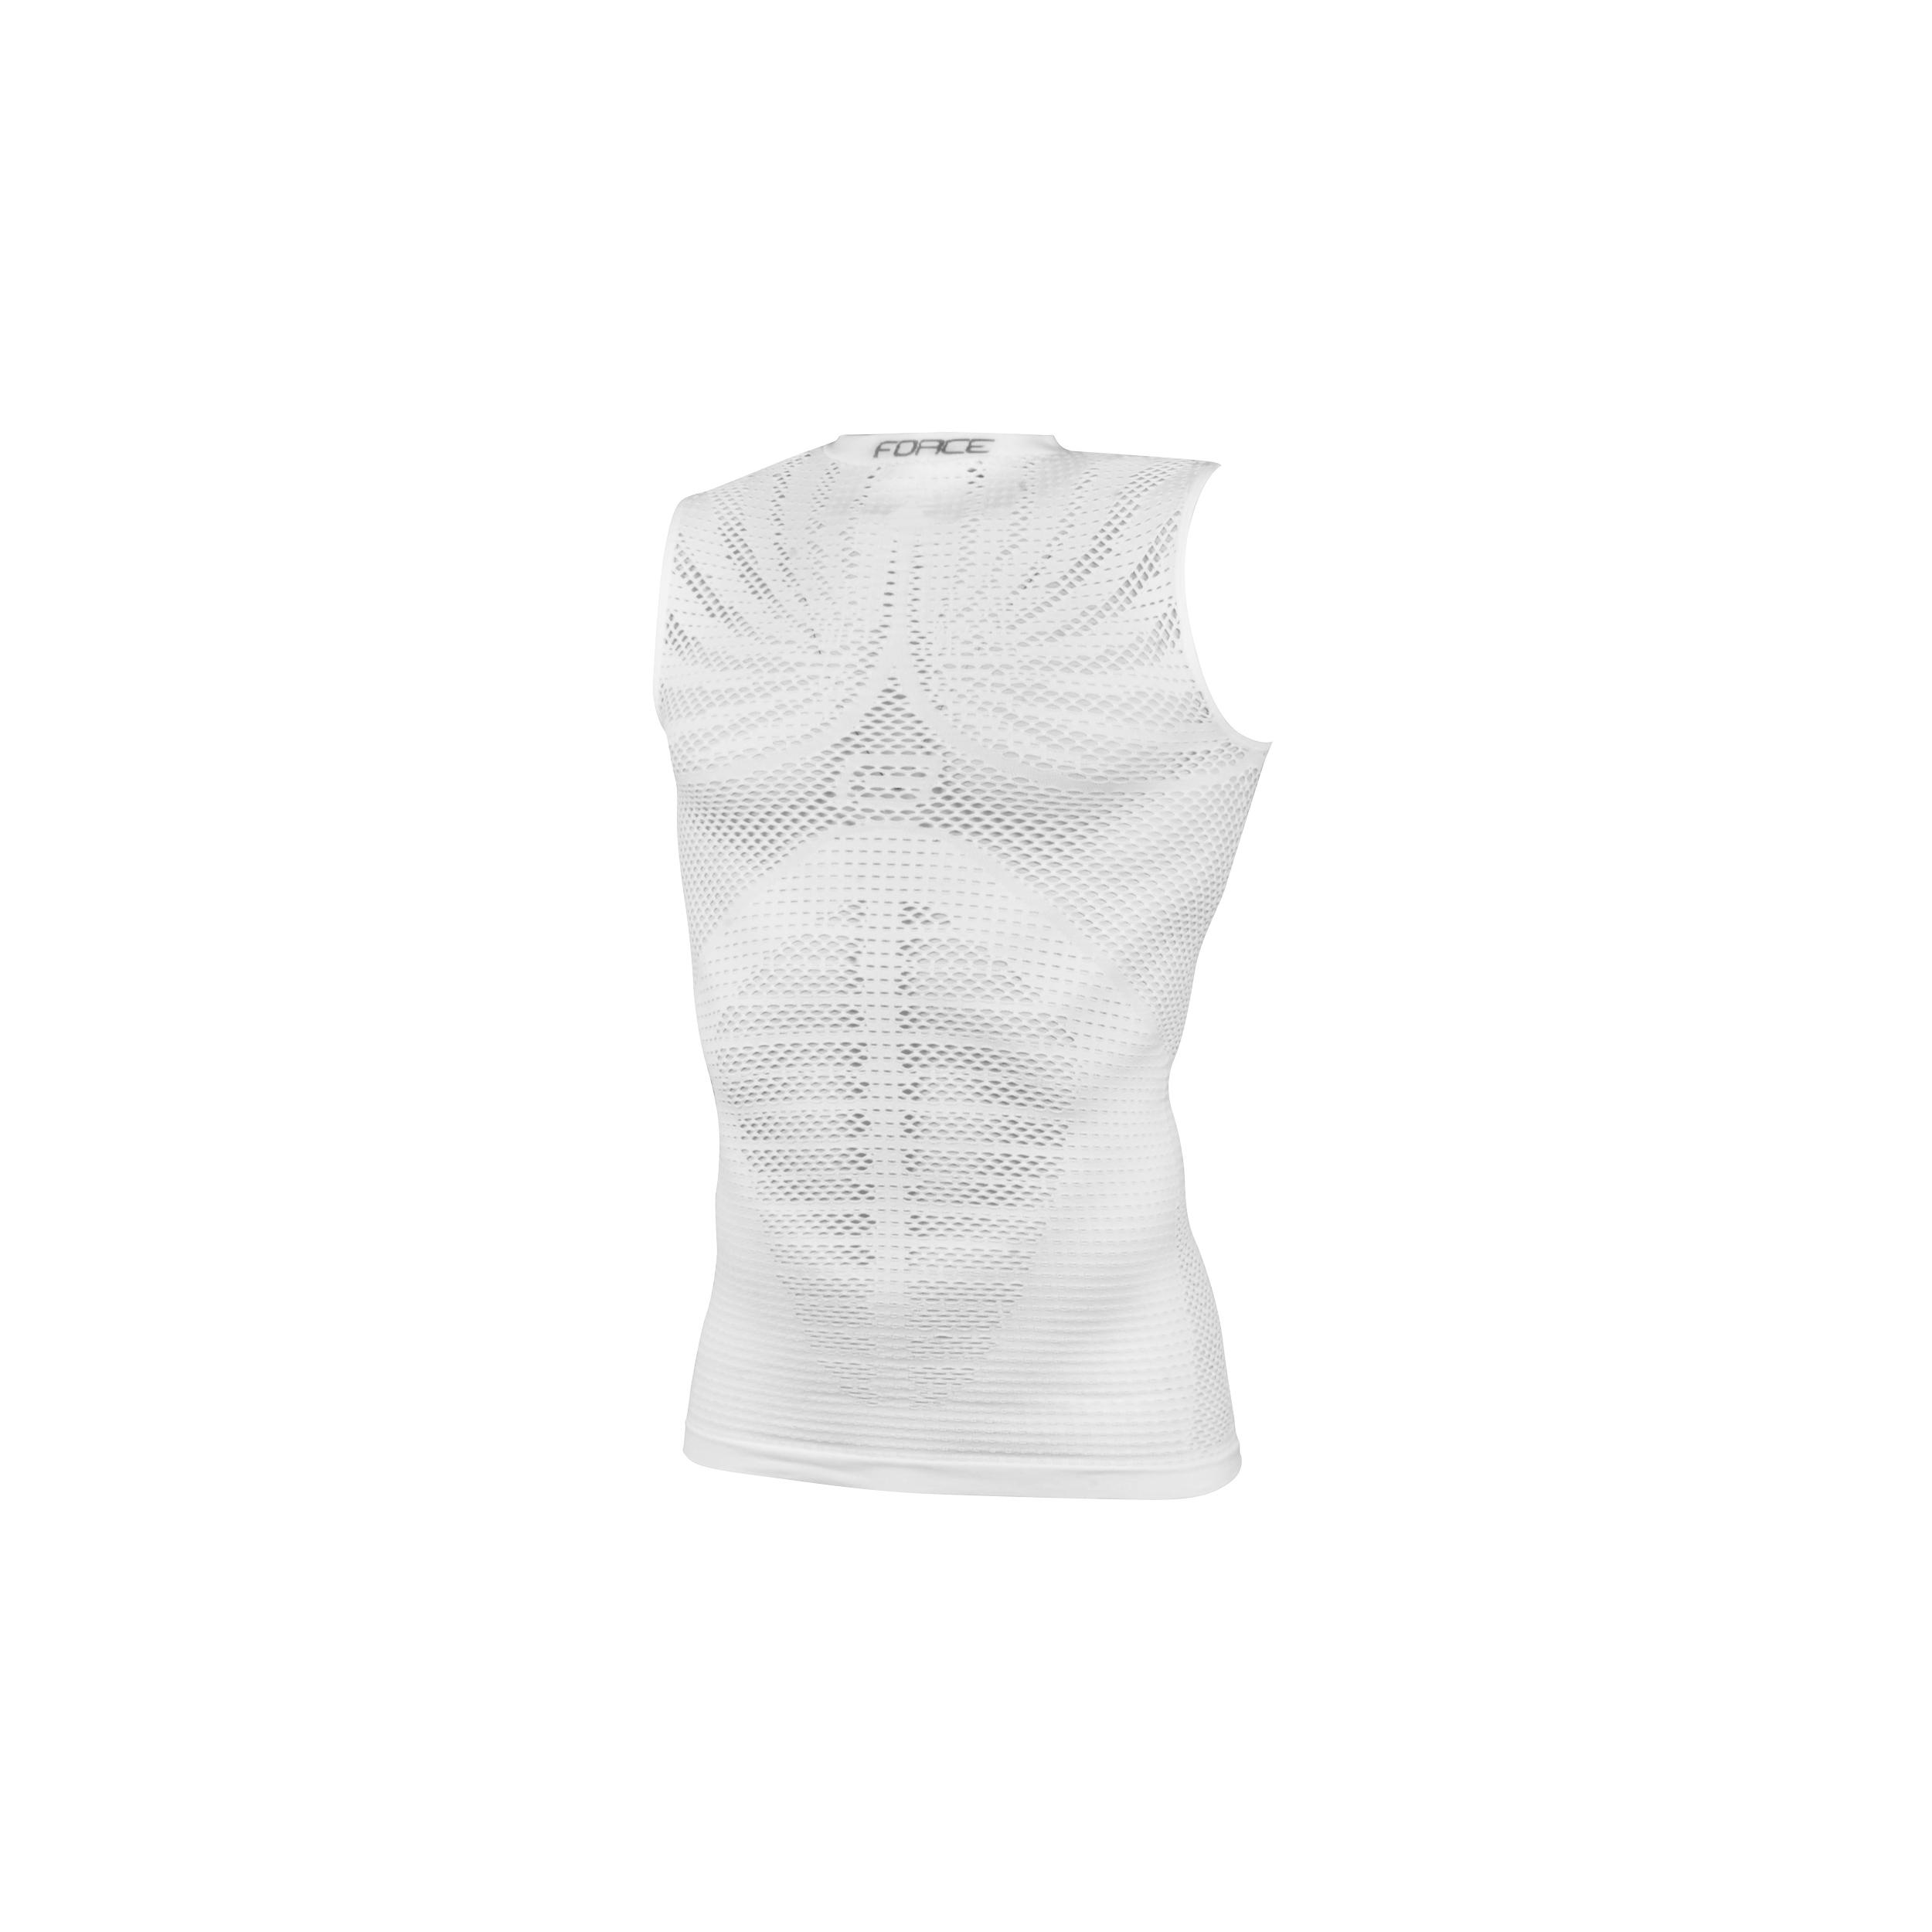 Triko/Funkční prádlo FORCE TROPIC bez rukávů, bílé S-M